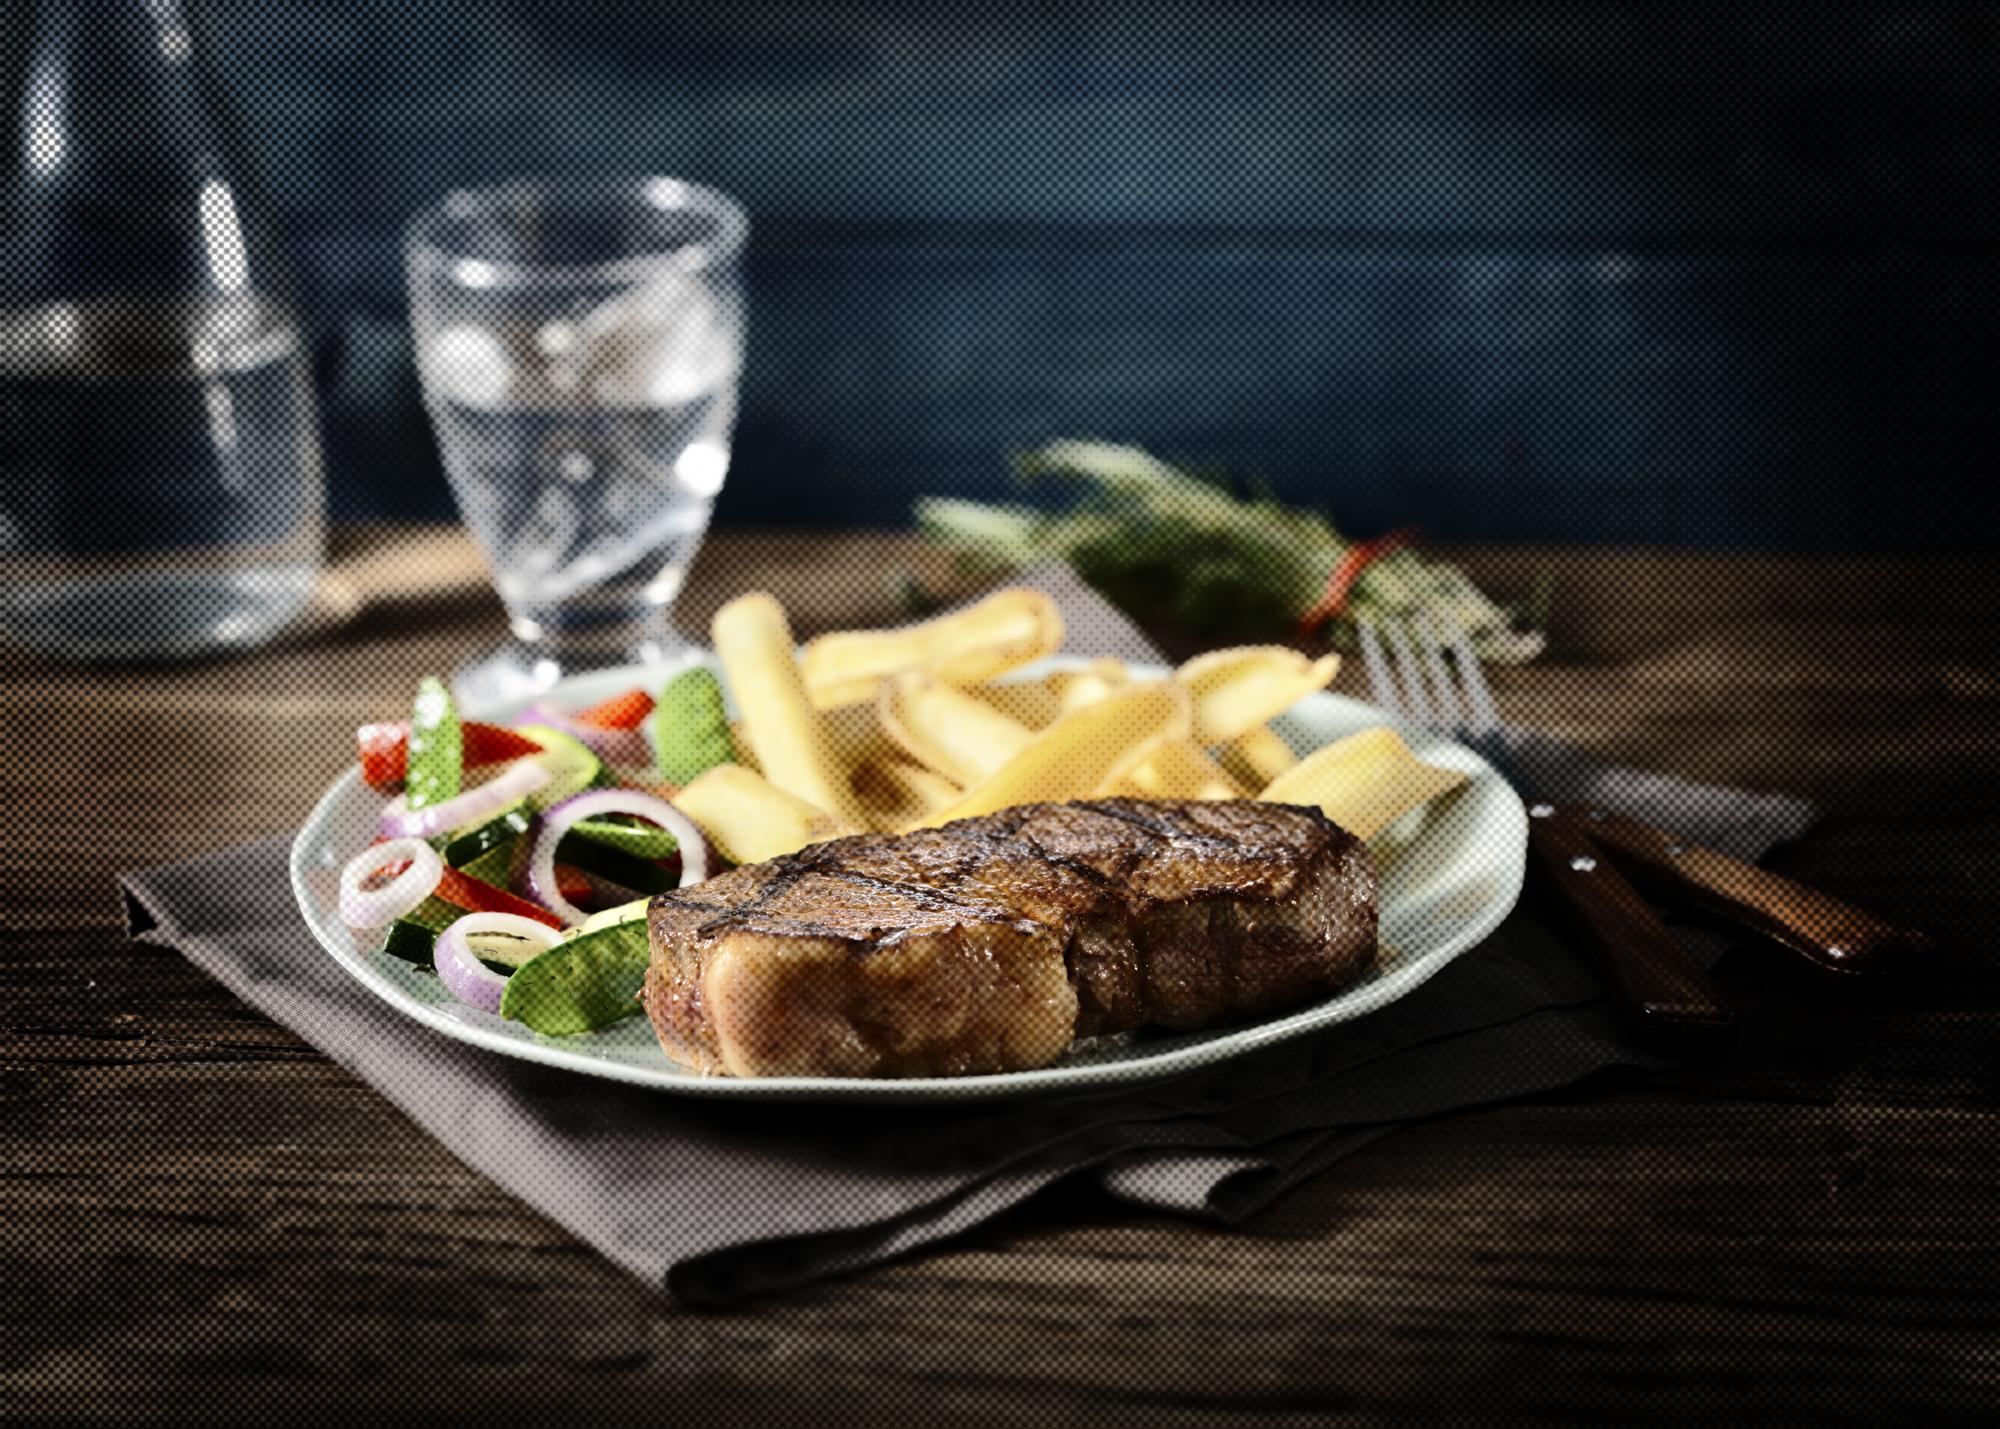 Heerlijke vlees- en visgerechten worden vakkundig bereid op de grill